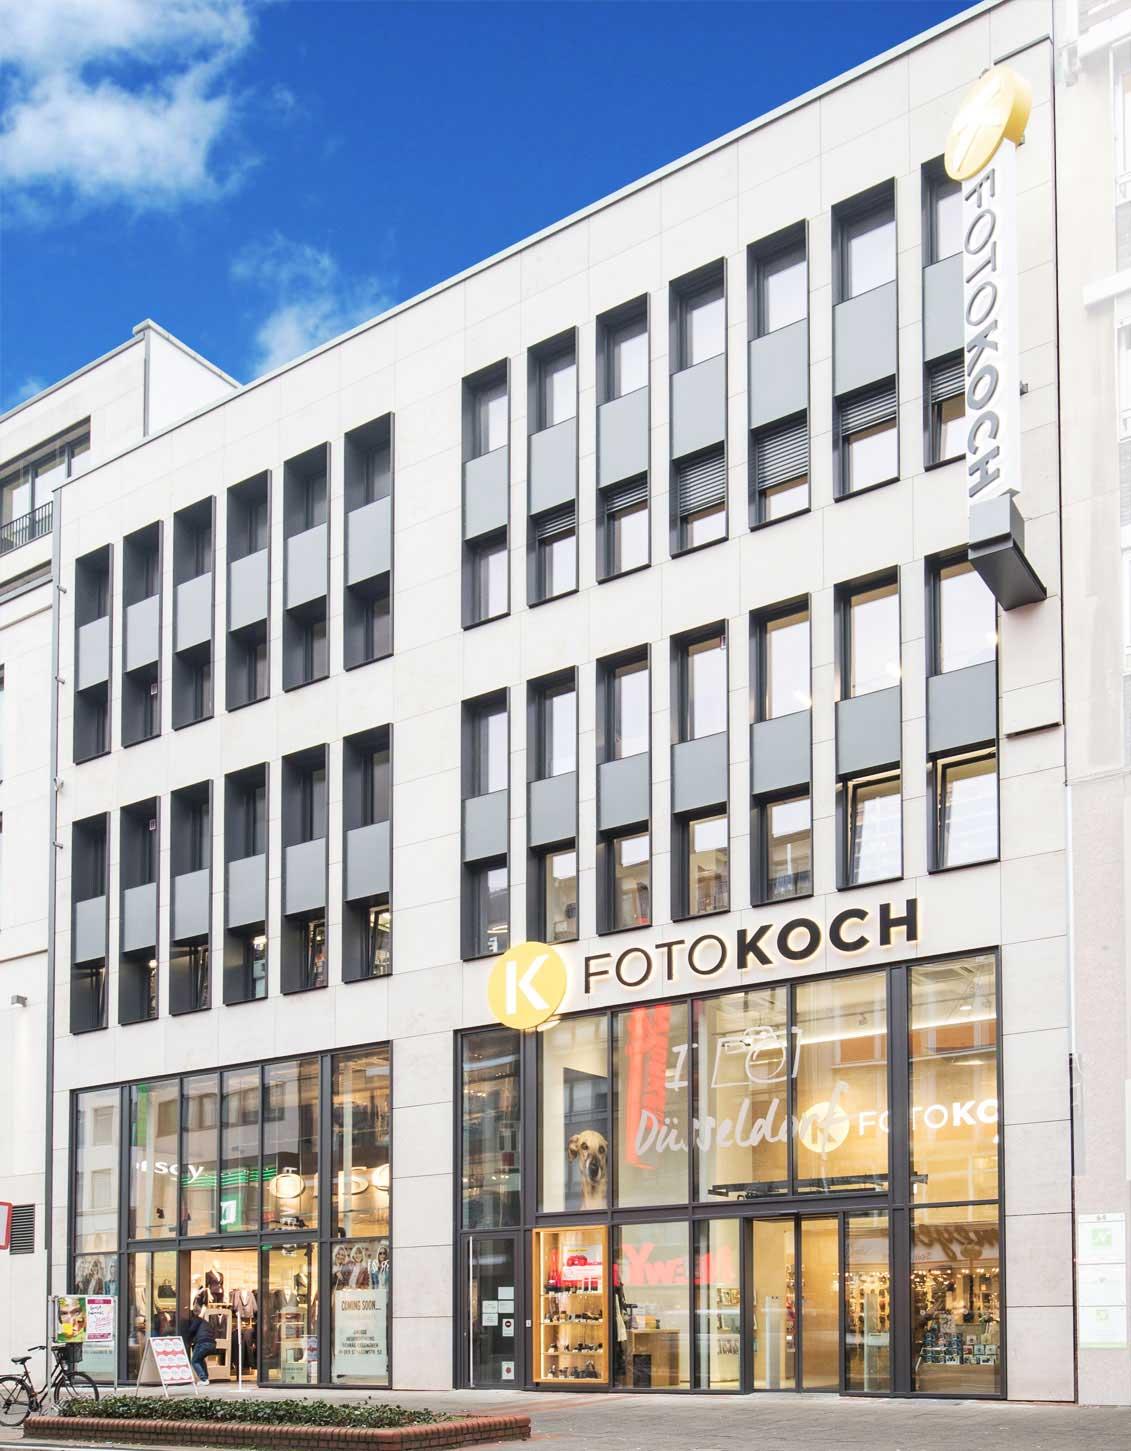 Foto Koch Filiale Düsseldorf außen